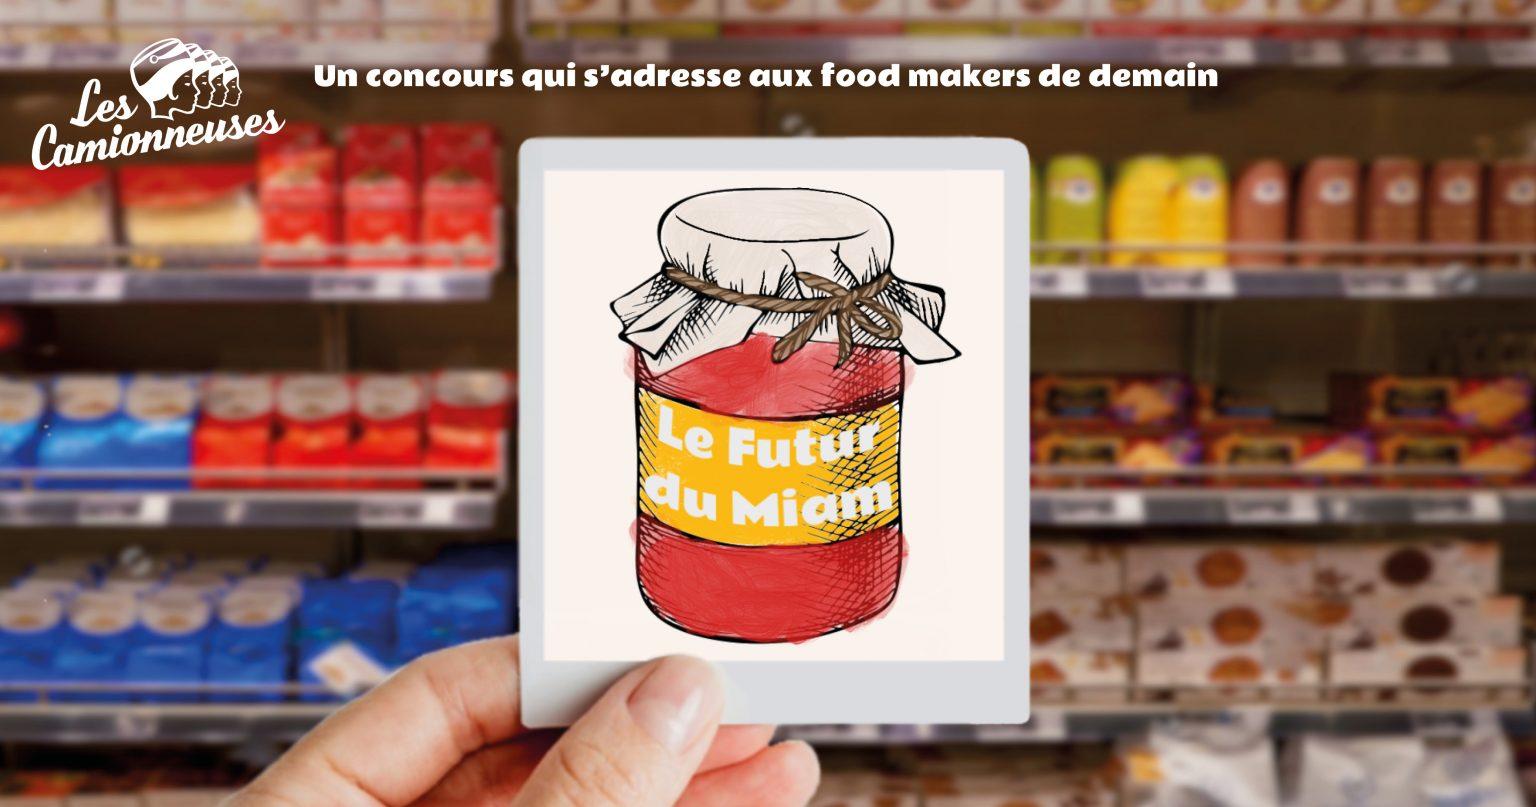 PostFacebook 1536x807 1 - Le Futur du Miam : un concours qui s'adresse aux food makers de demain